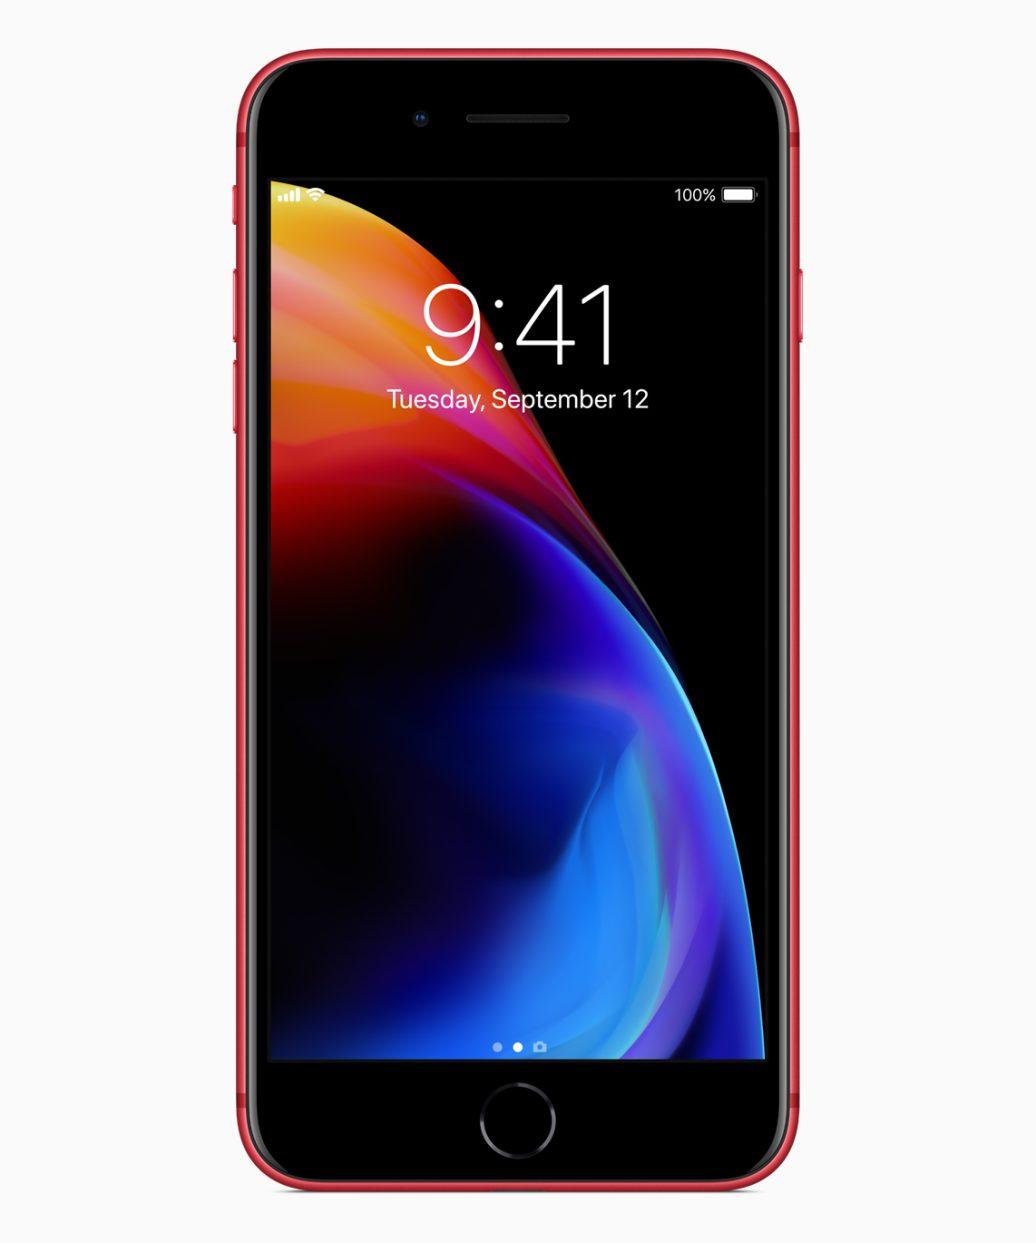 Apple chính thức ra mắt iPhone 8/8 Plus phiên bản màu đỏ mặt trước màu đen đẹp hơn, giá không đổi